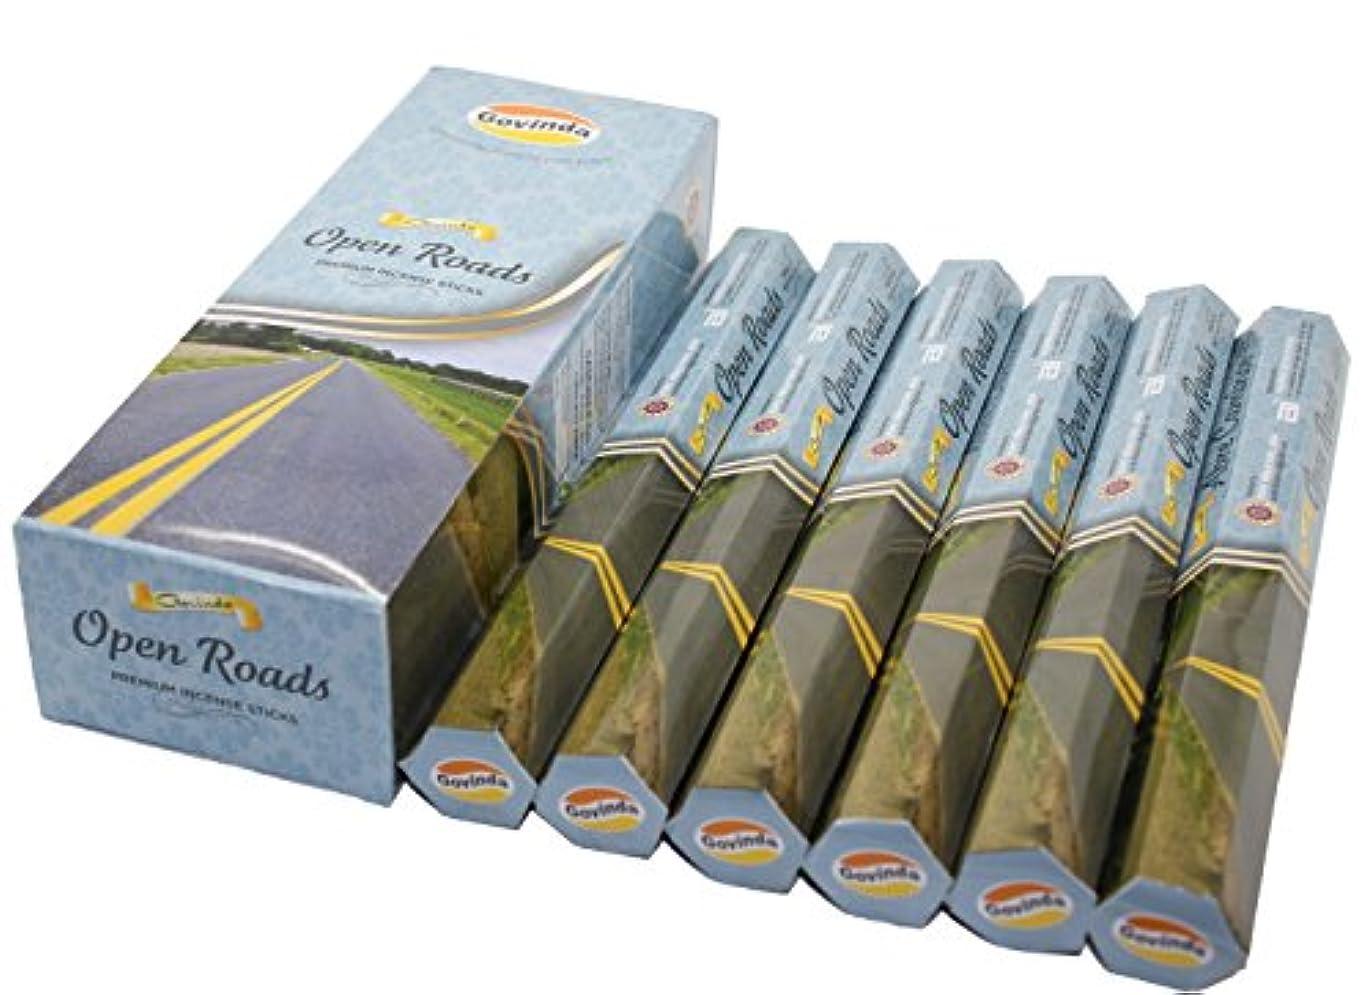 立法裁量植物学Govinda ® Incense – Open Roads – 120 Incense Sticks、プレミアムIncense、Masalaコーティング